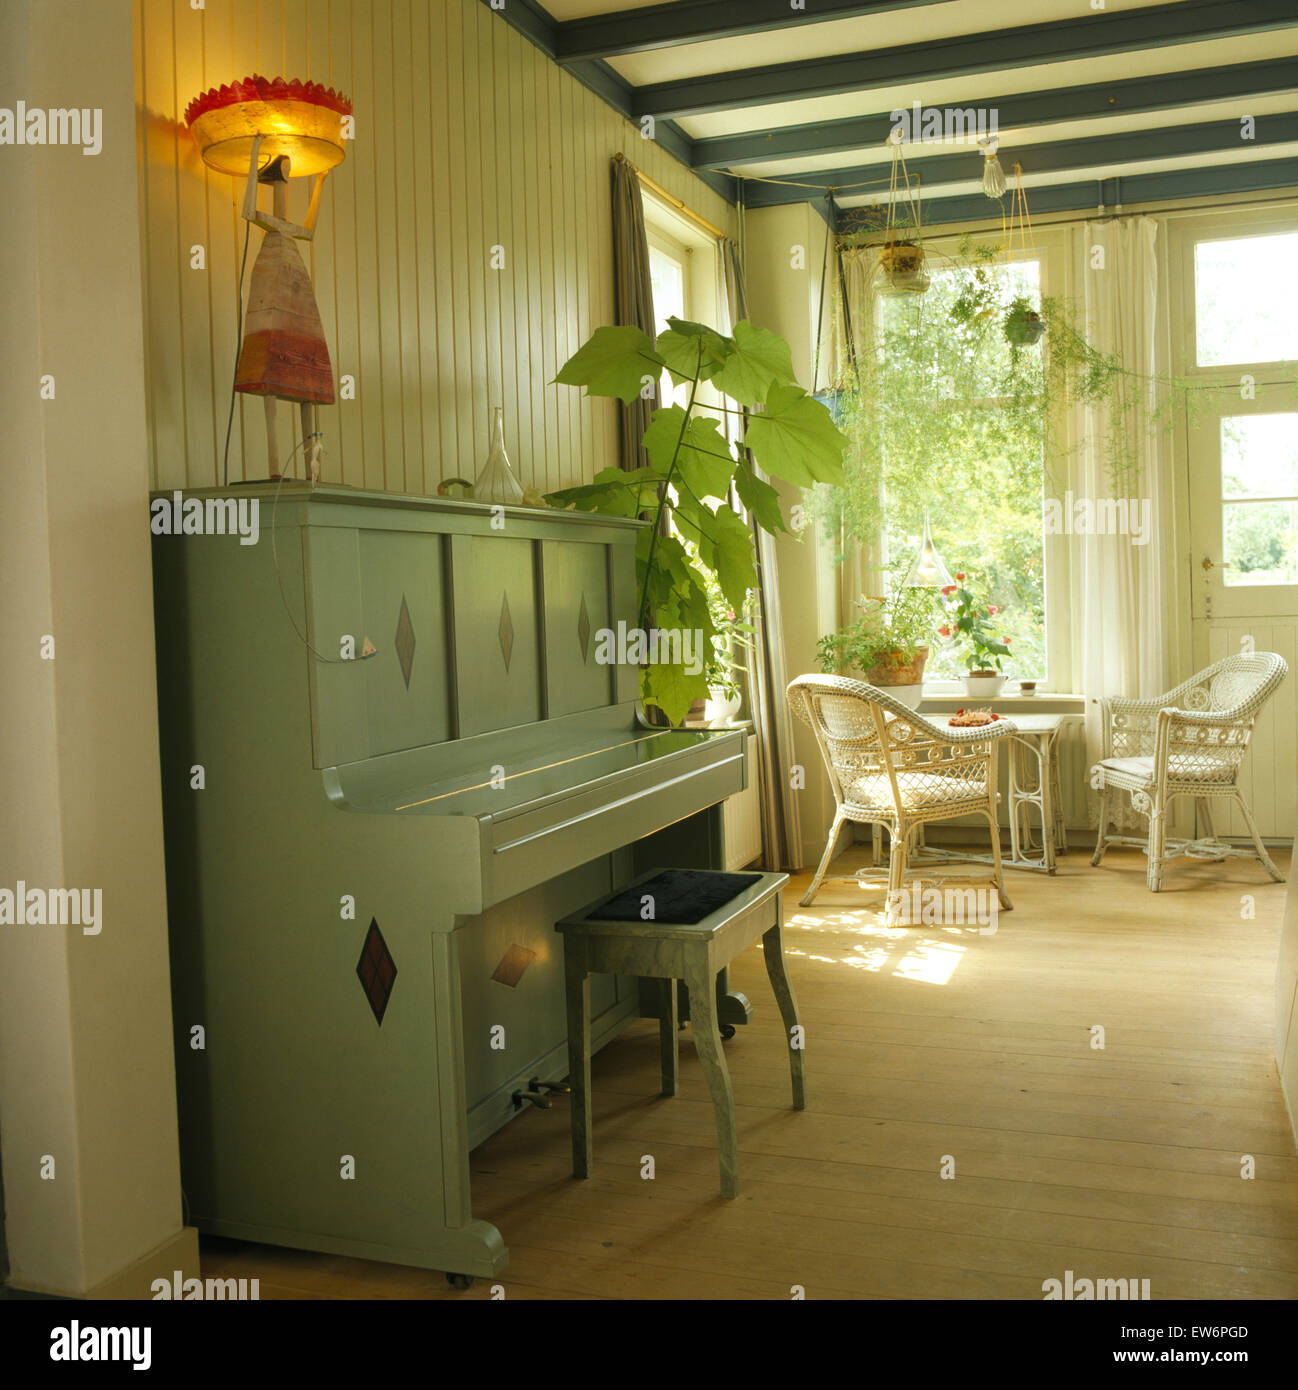 Como pintar muebles de mimbre beautiful muebles de mimbre - Muebles de mimbre pintados ...